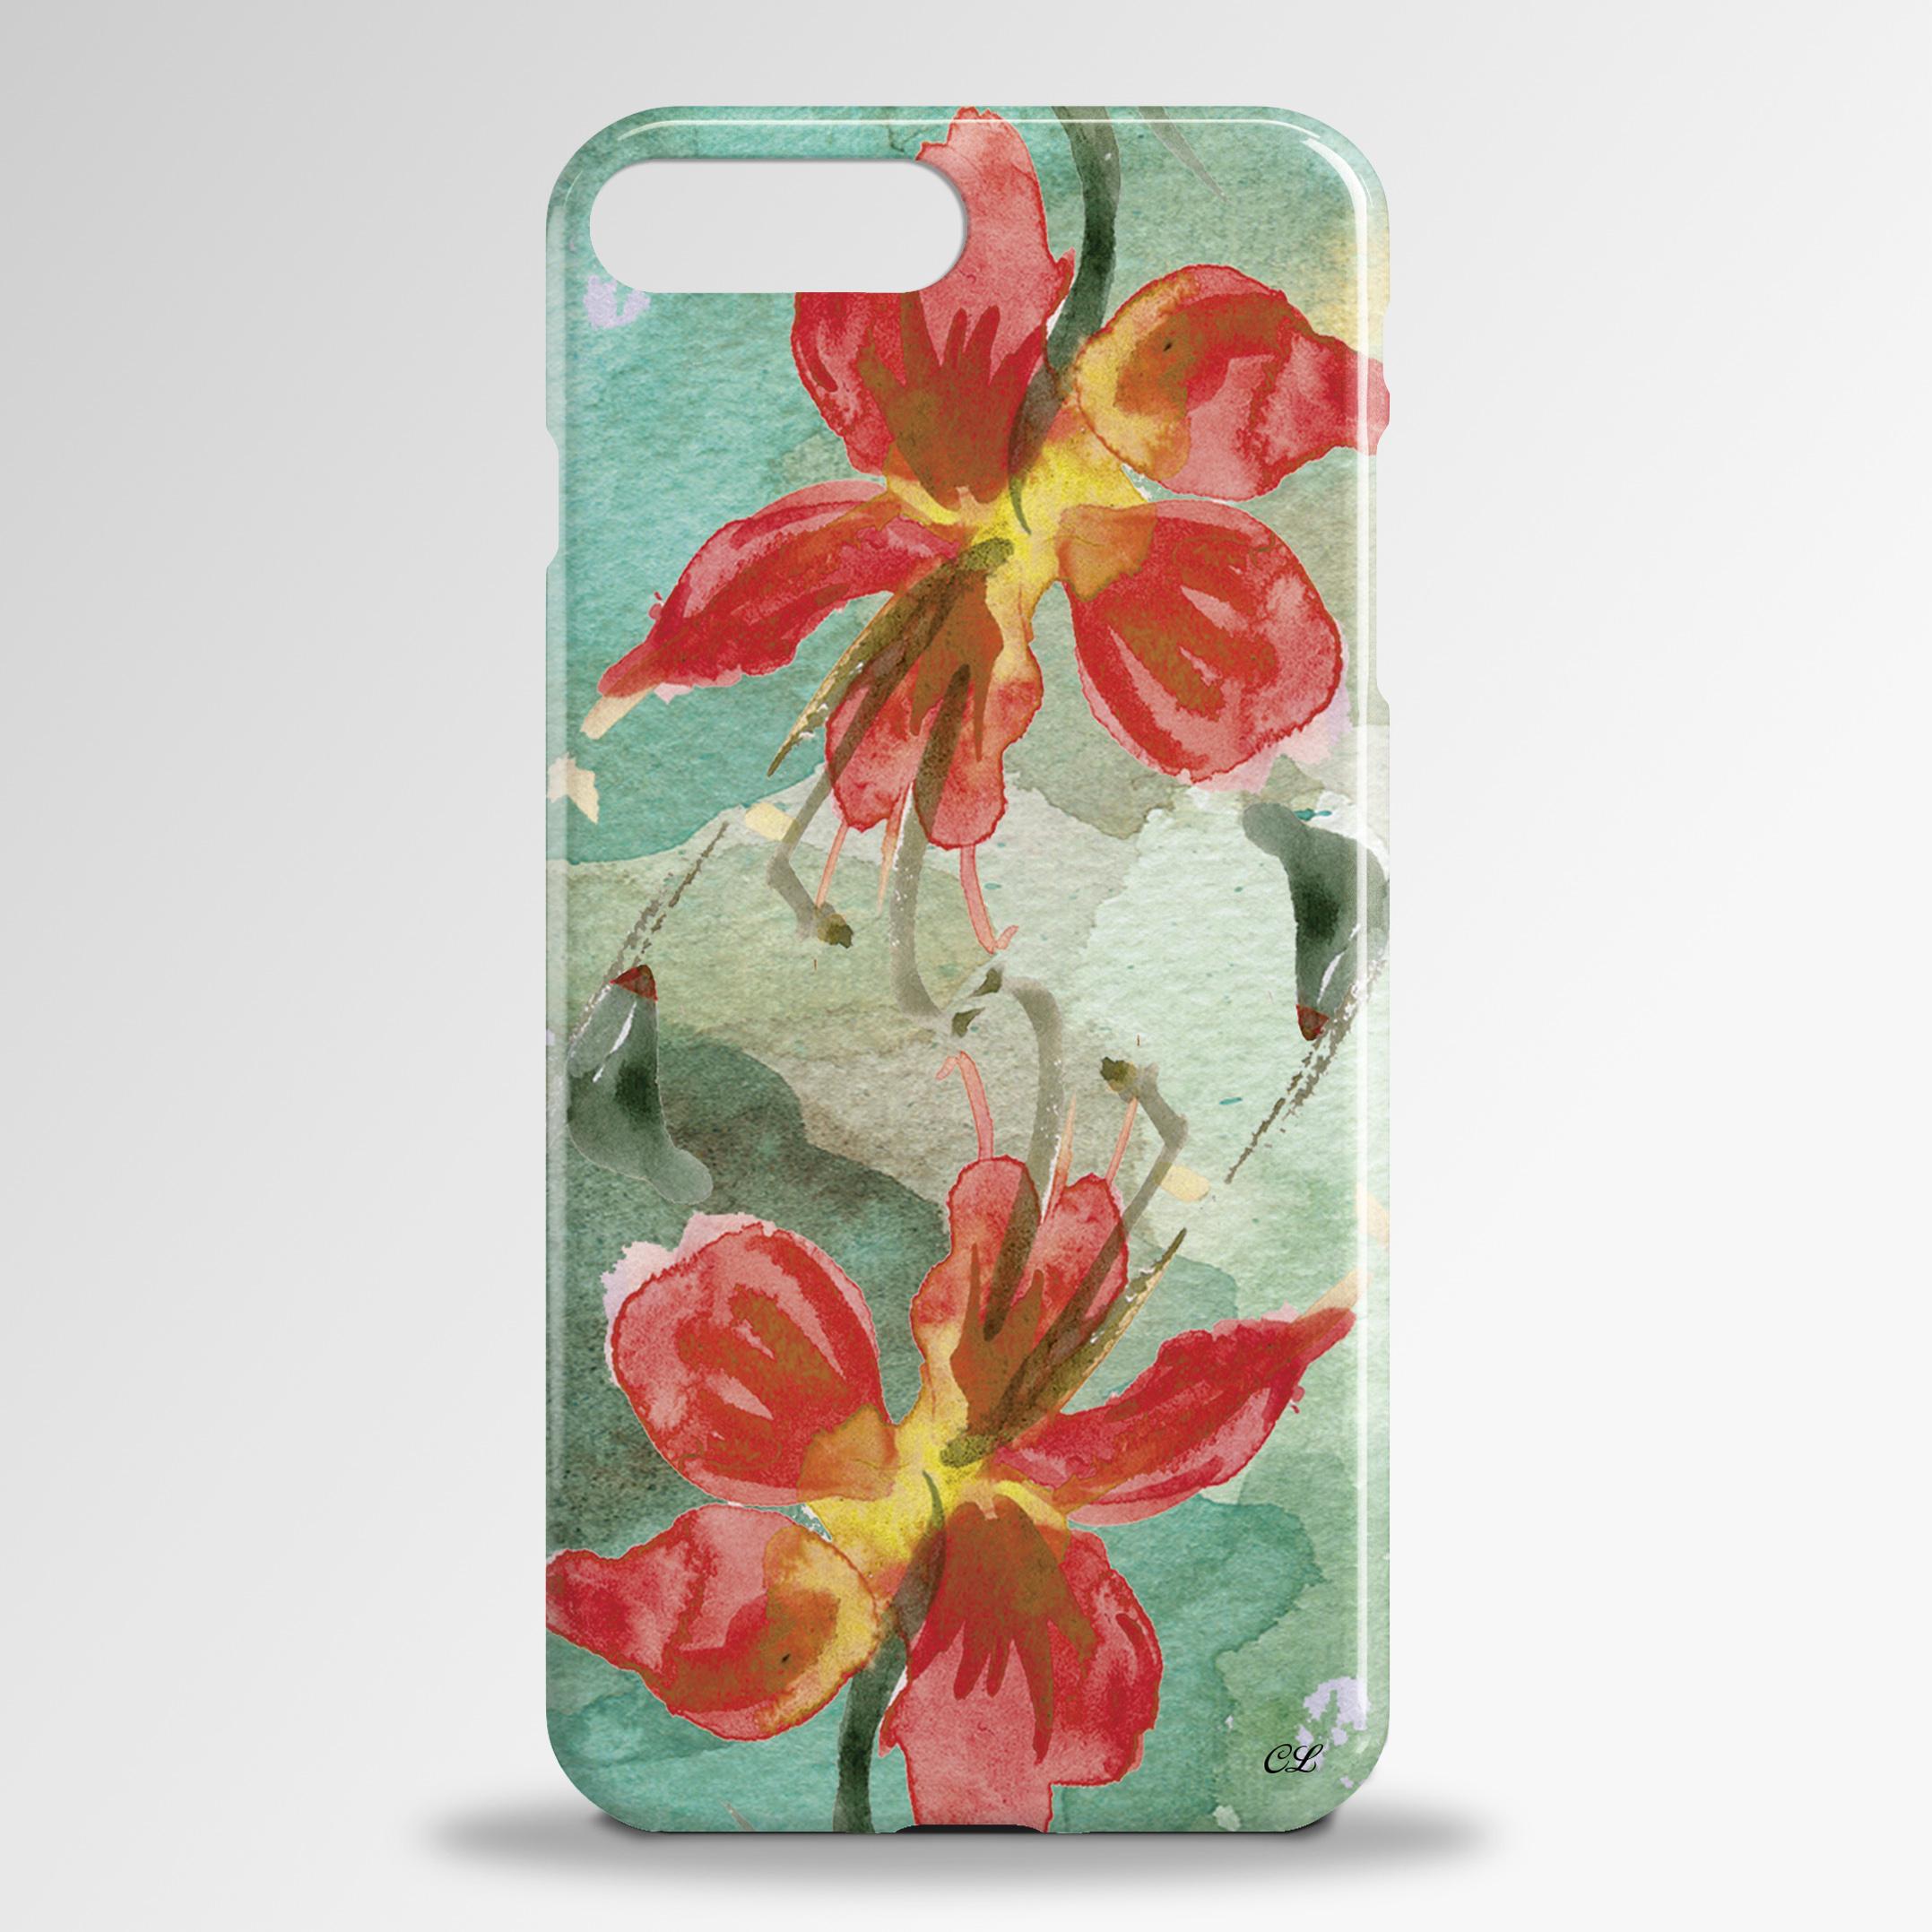 Splash 3D iPhone Case